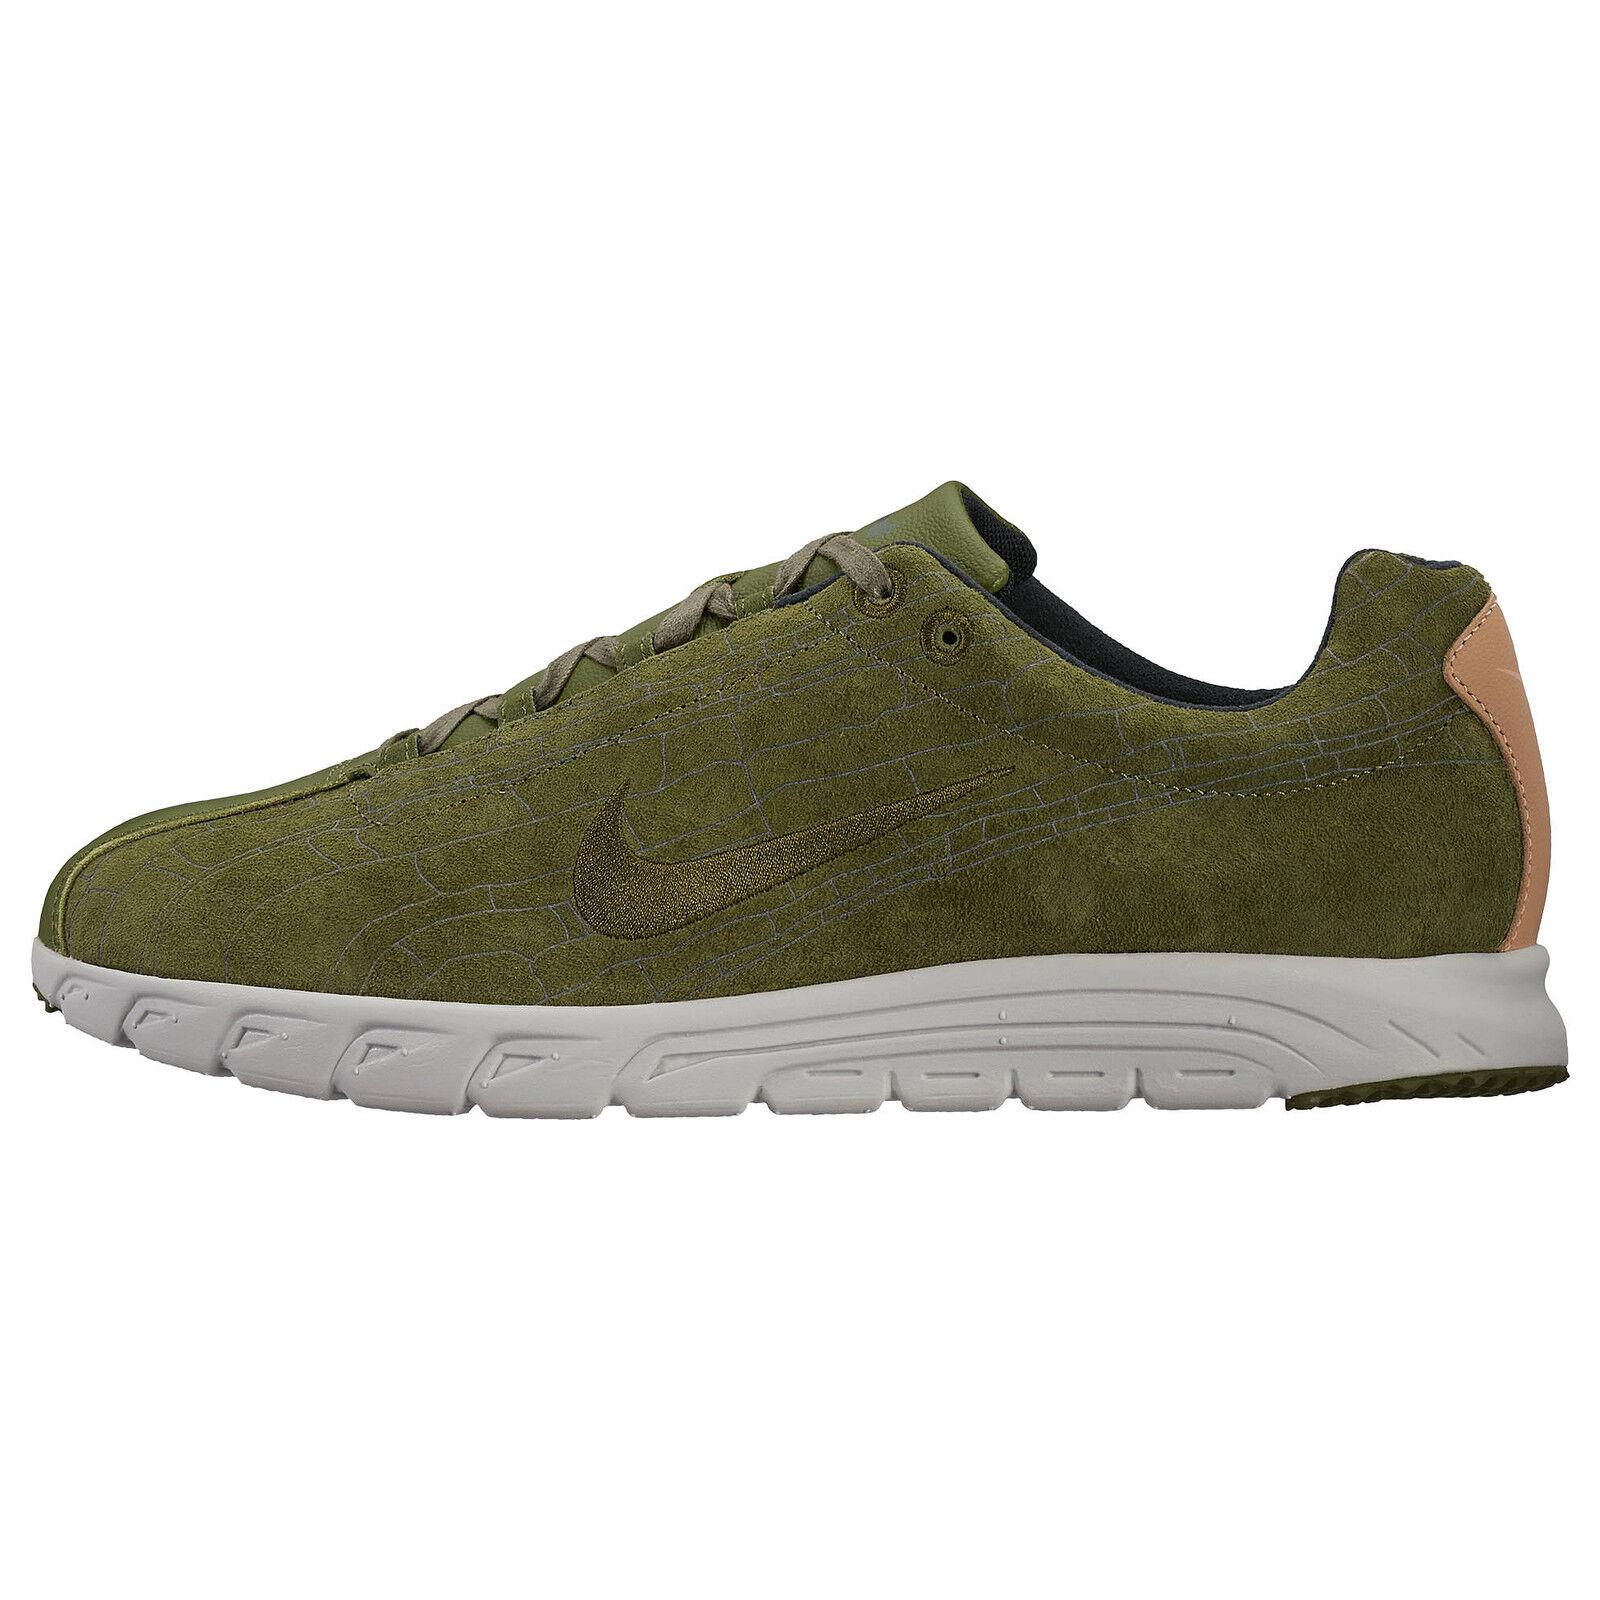 Nike zapatos PMR de cuero Casual de temporada la efimera PMR zapatos 816548-300 despacho venta deae1e